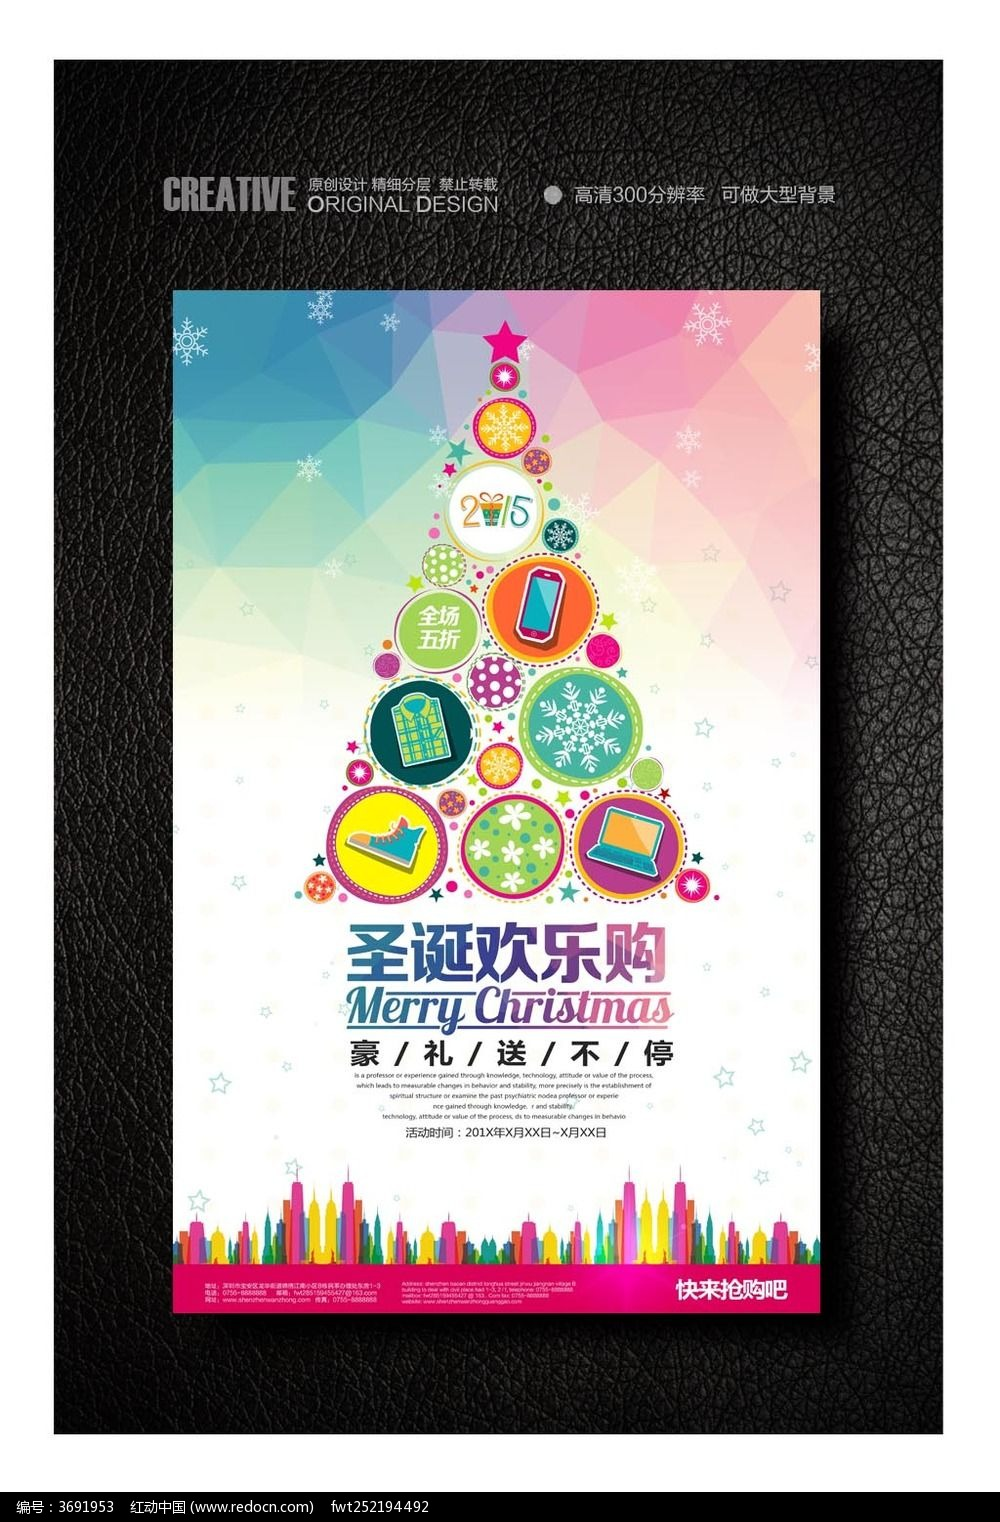 圣诞节手绘促销海报图片素材